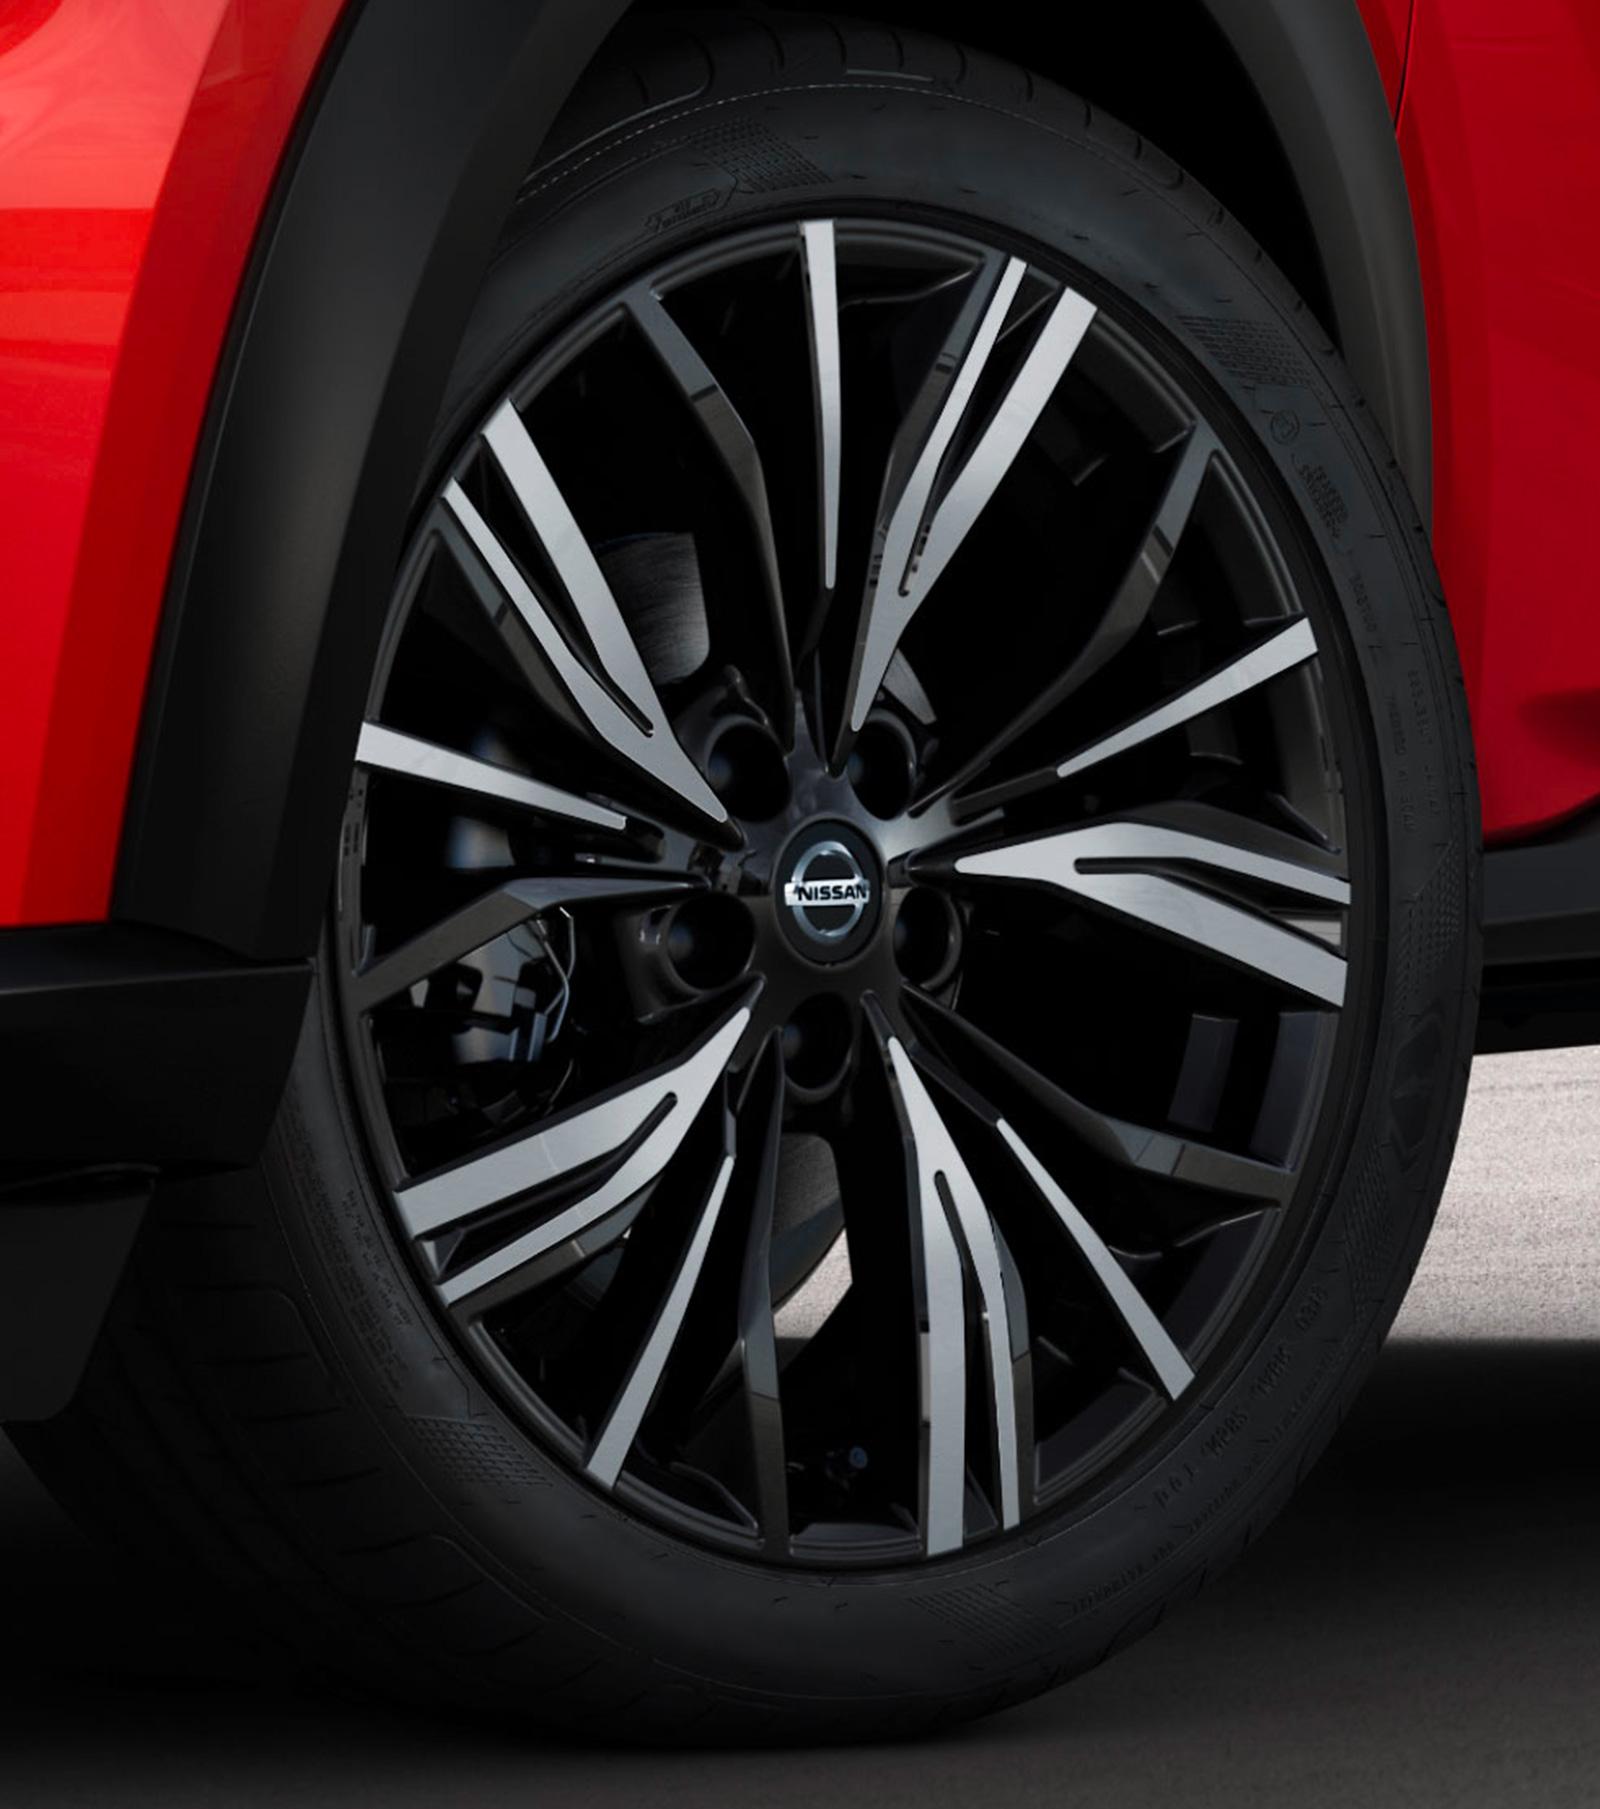 Nissan JUKE 19 inch alloy wheel